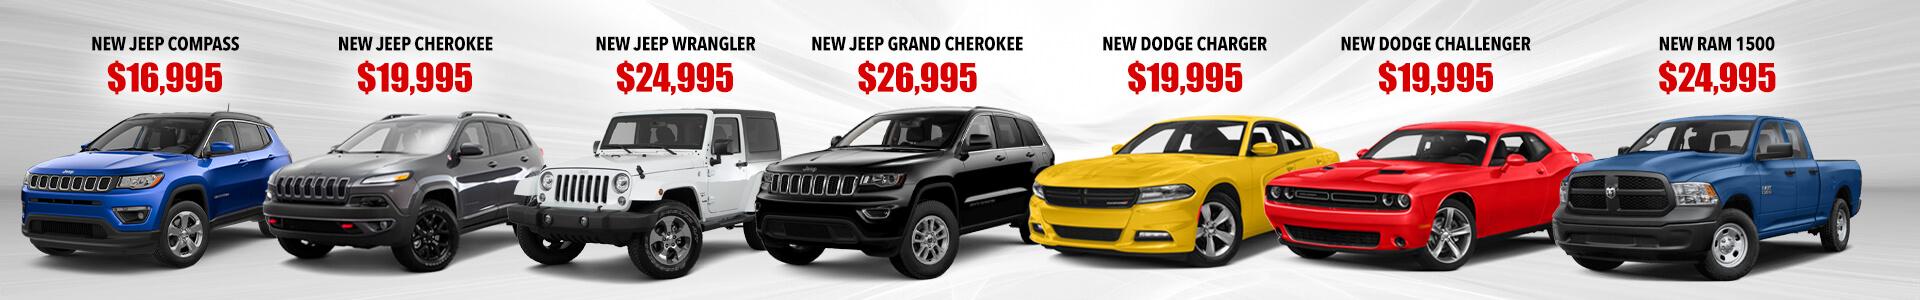 54 New Jeep Grand Cherokee in Stock in Pasadena, Monterey